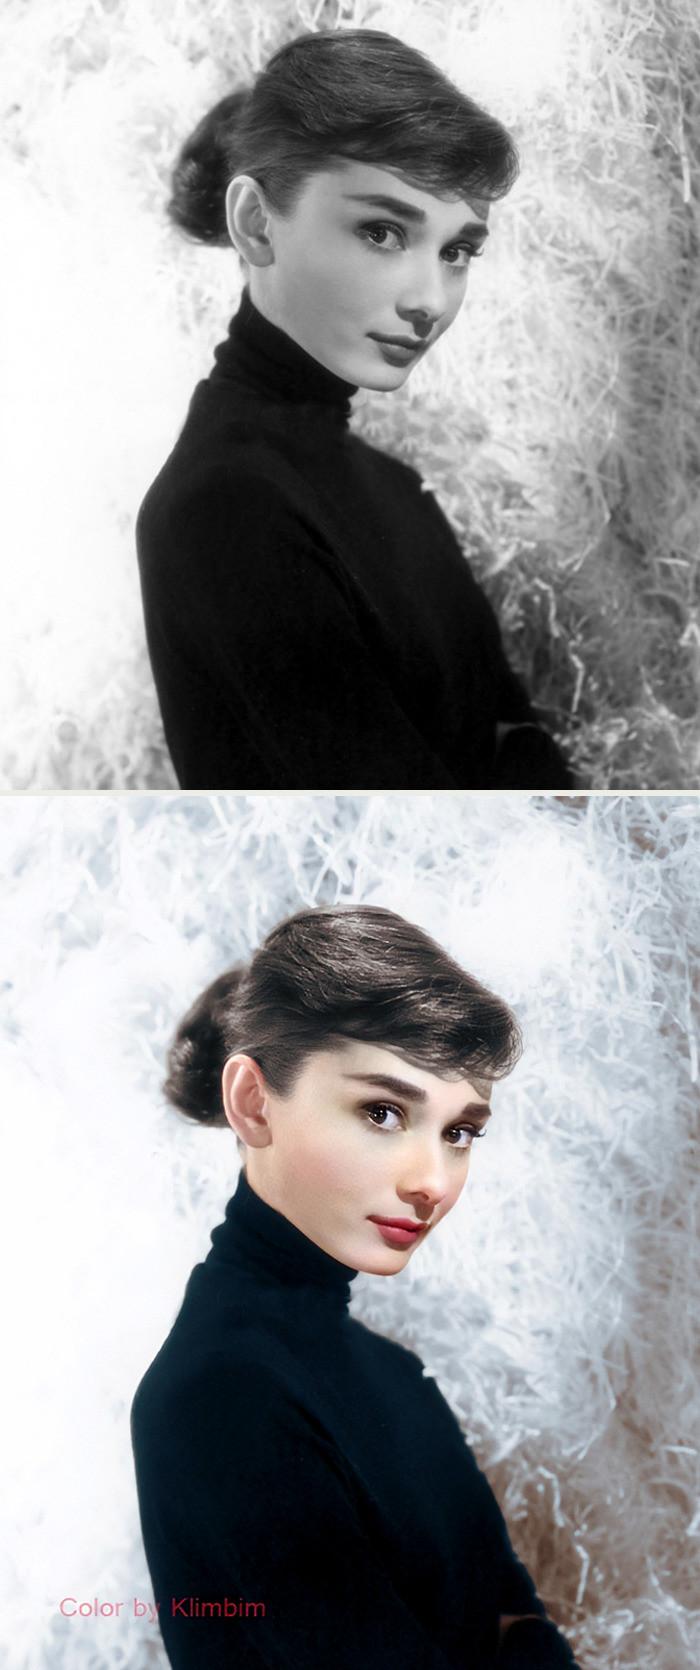 #11 Audrey Hepburn